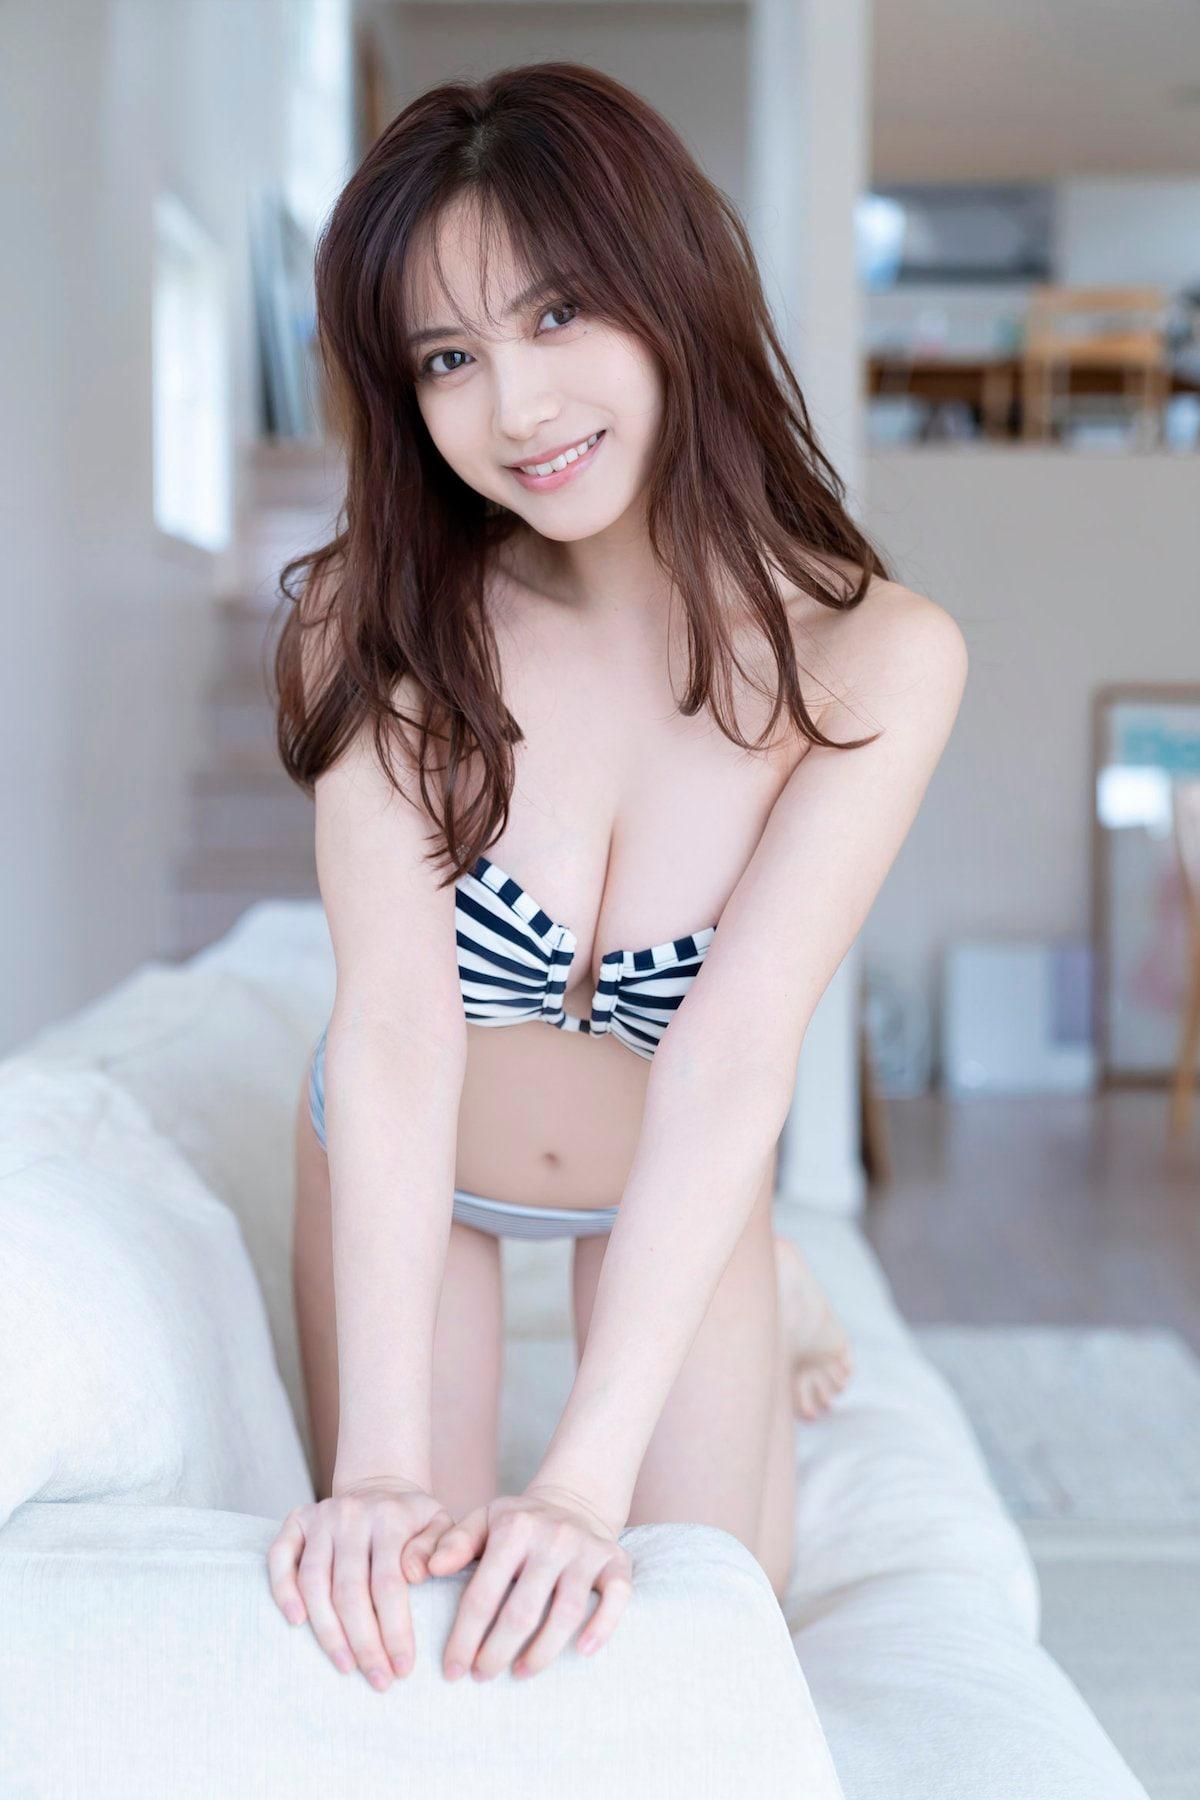 桃月なしこ「透き通る美肌」『週刊ヤングマガジン』のアザーカットを大公開!【画像5枚】の画像004